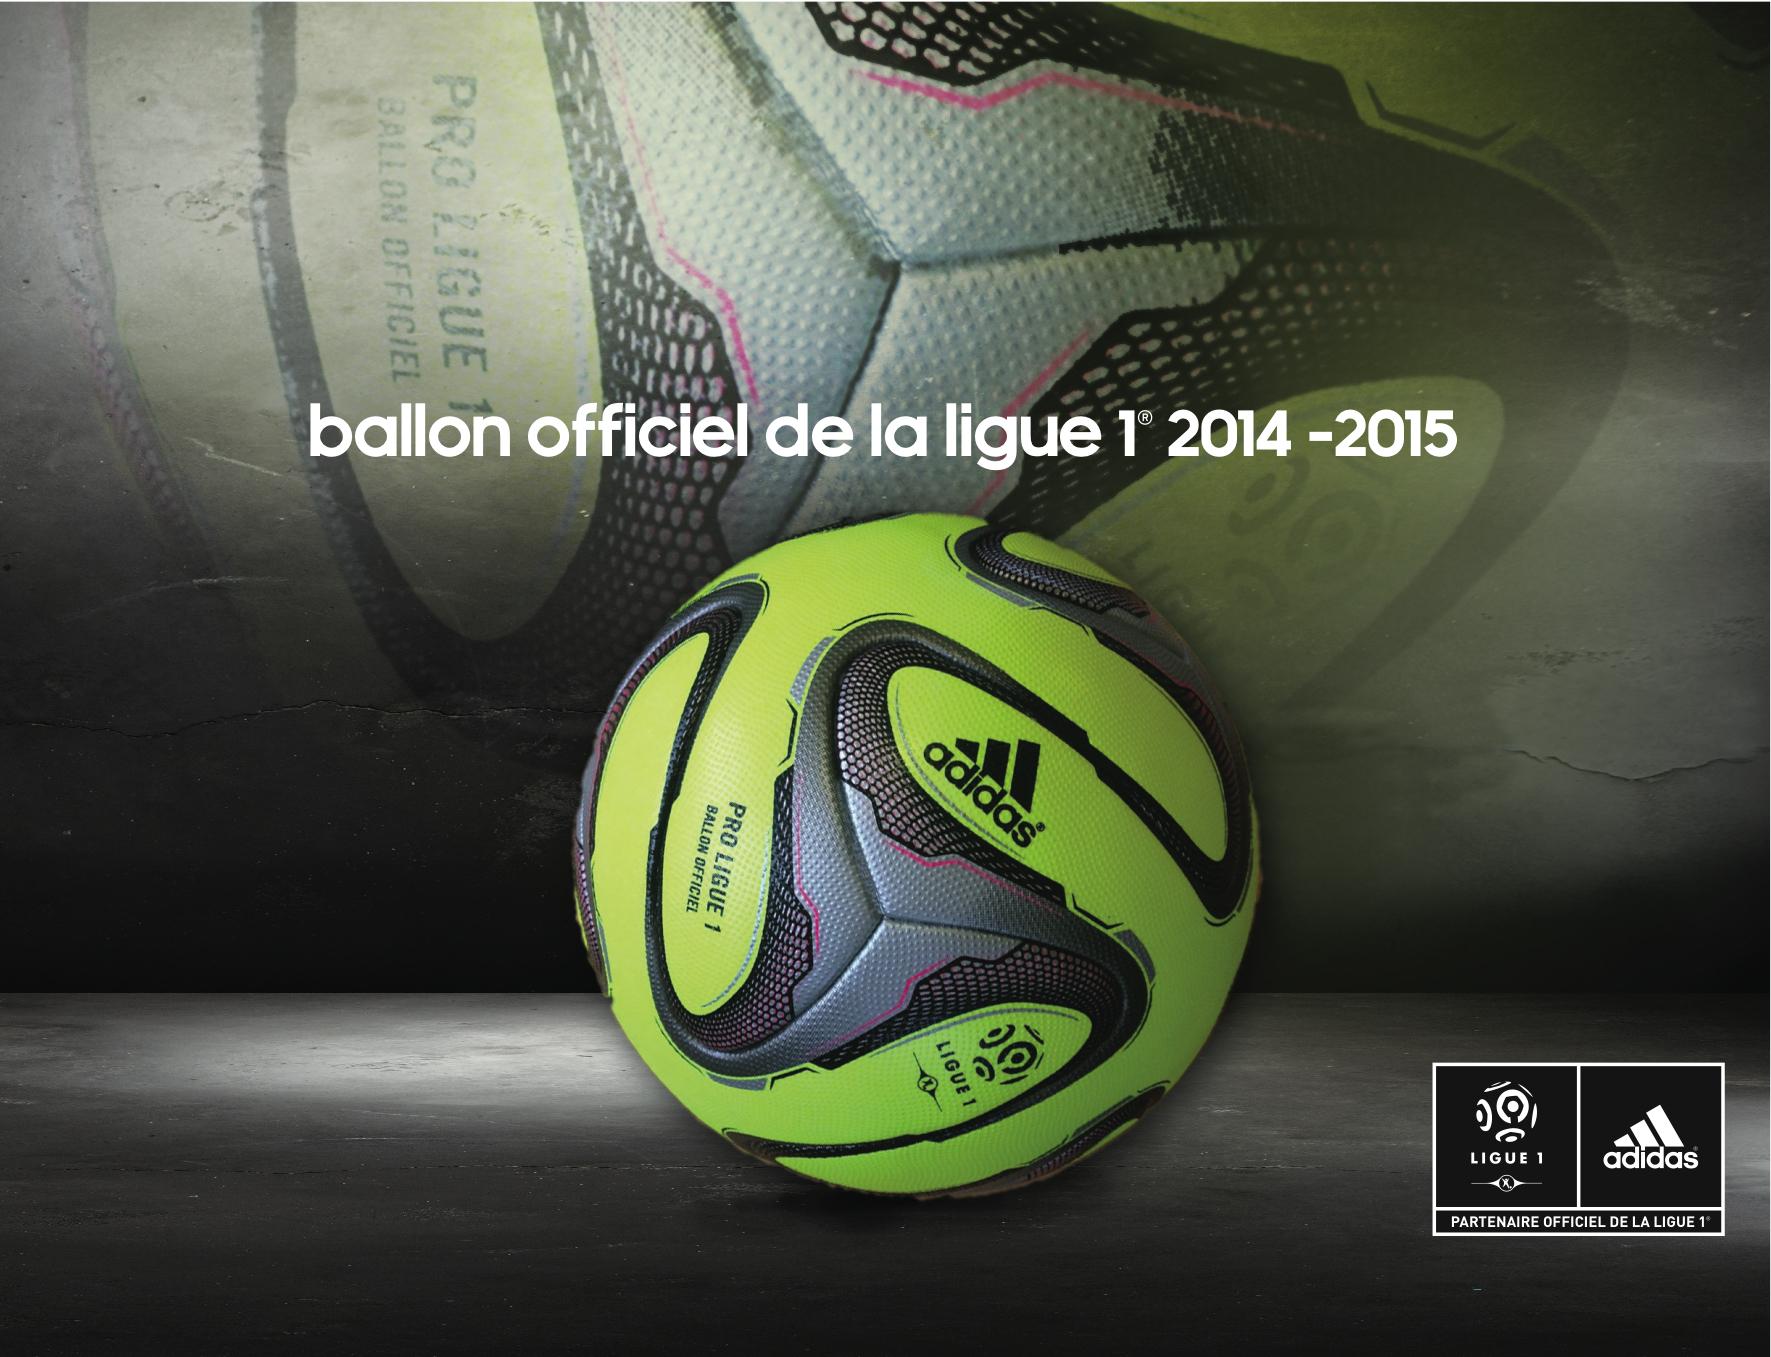 Adidas et la LFP présentent le nouveau ballon officiel de la saison 2014-2015 de Ligue 1